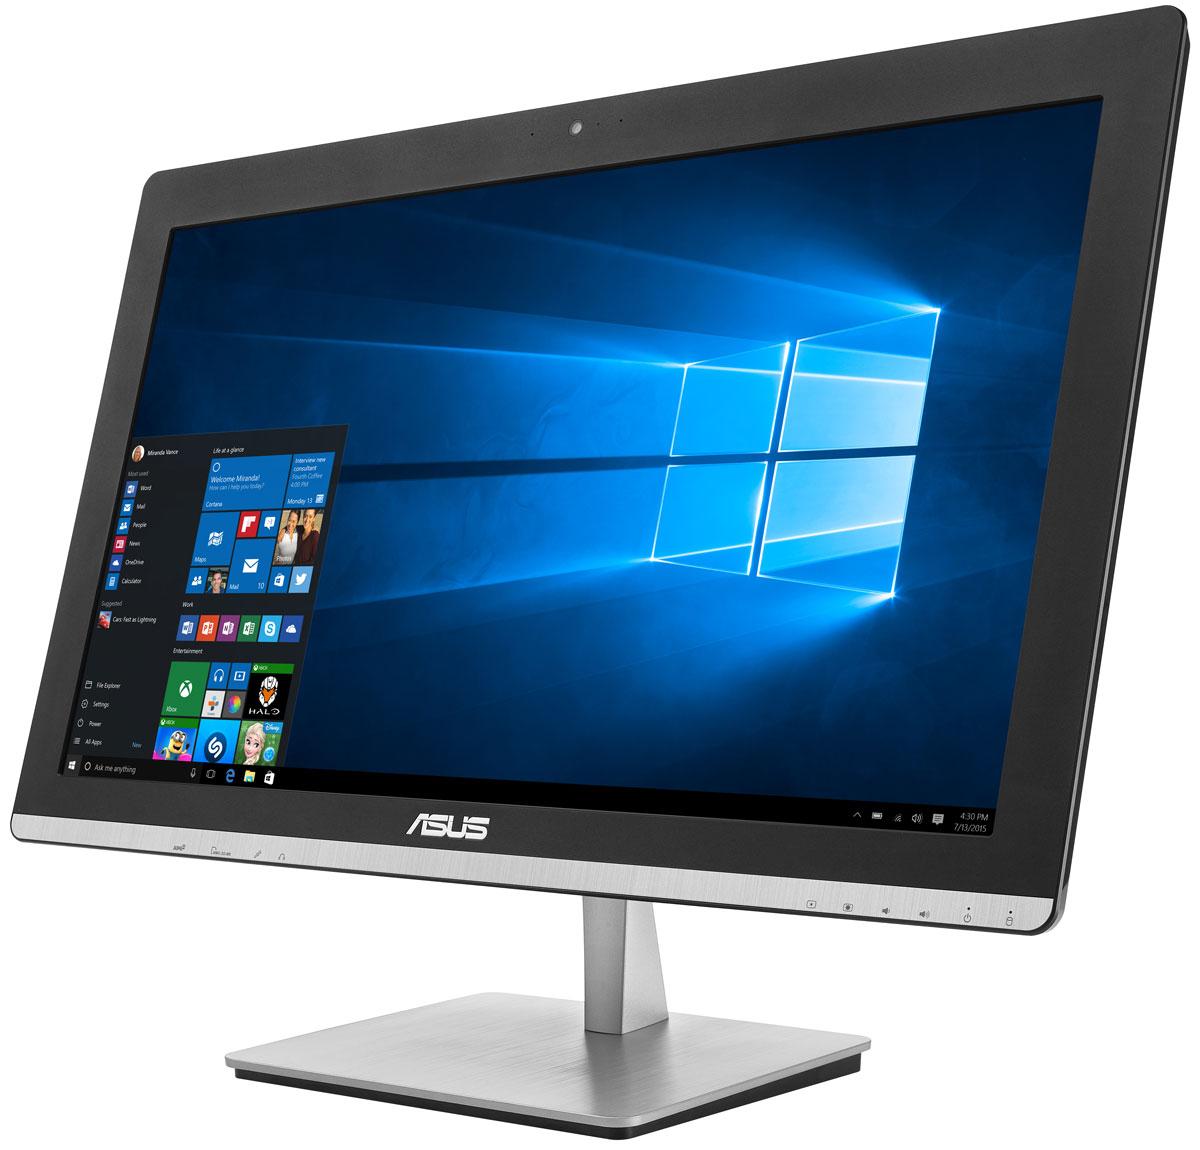 ASUS Vivo AiO V230ICGK-BC273X, Black моноблокV230ICGK-BC273XУстройство Asus V230ICGK - это полноценный моноблочный компьютер, включающий в себя дисплей, процессор, видеокарту, оперативную и пользовательскую память. Он выполнен в красивом корпусе, который будет удачно смотреться в домашнем интерьере.Компактное полнофункциональное устройство, такое как моноблочный компьютер Asus V230ICGK, идеально подходит для современного дома, поскольку его можно использовать для самых различных приложений, как рабочих, так и развлекательных, при этом не засоряя домашний интерьер множеством кабелей и дополнительных приспособлений. Изящная подставка прочно удерживает моноблочный компьютер на месте. В отличие от подставок аналогичных моделей, ее верхний конец прикреплен к задней панели дисплея, а не к его основанию.Моноблочный компьютер Asus V230ICGK оснащается процессором Intel Core i7 шестого поколения, который показывает высокую производительность при низком энергопотреблении. С ним можно комфортно выполнять любые задачи, от веб-серфинга и создания мультимедийных презентаций до редактирования видеороликов.Моноблок Asus V230ICGK оснащен современной графической подсистемой. NVIDIA GeForce 930M поможет ускорить процесс создания видео в HD-качестве и обработку фотографий, а также даст возможность насладиться плавной визуализацией и отменной реакцией в современных играх.Asus V230ICGK обладает ультратонким экраном со светодиодной подсветкой, обеспечивающим высокую яркость и контрастность изображения. Благодаря широким углам обзора IPS-матрицы картинка на экране моноблока не претерпевает каких-либо искажений цветопередачи при изменении угла, под которым вы смотрите на экран. Разрешение Full HD (1920x1080) позволяет наслаждаться играми и фильмами с безупречной четкостью.Точная цветопередача делает любое изображение на экране этого компьютера невероятно реалистичным, будь то картинка вечернего заката или семейное фото.Благодаря эксклюзивной технологии SonicMaster встроенная аудиосистема Asu